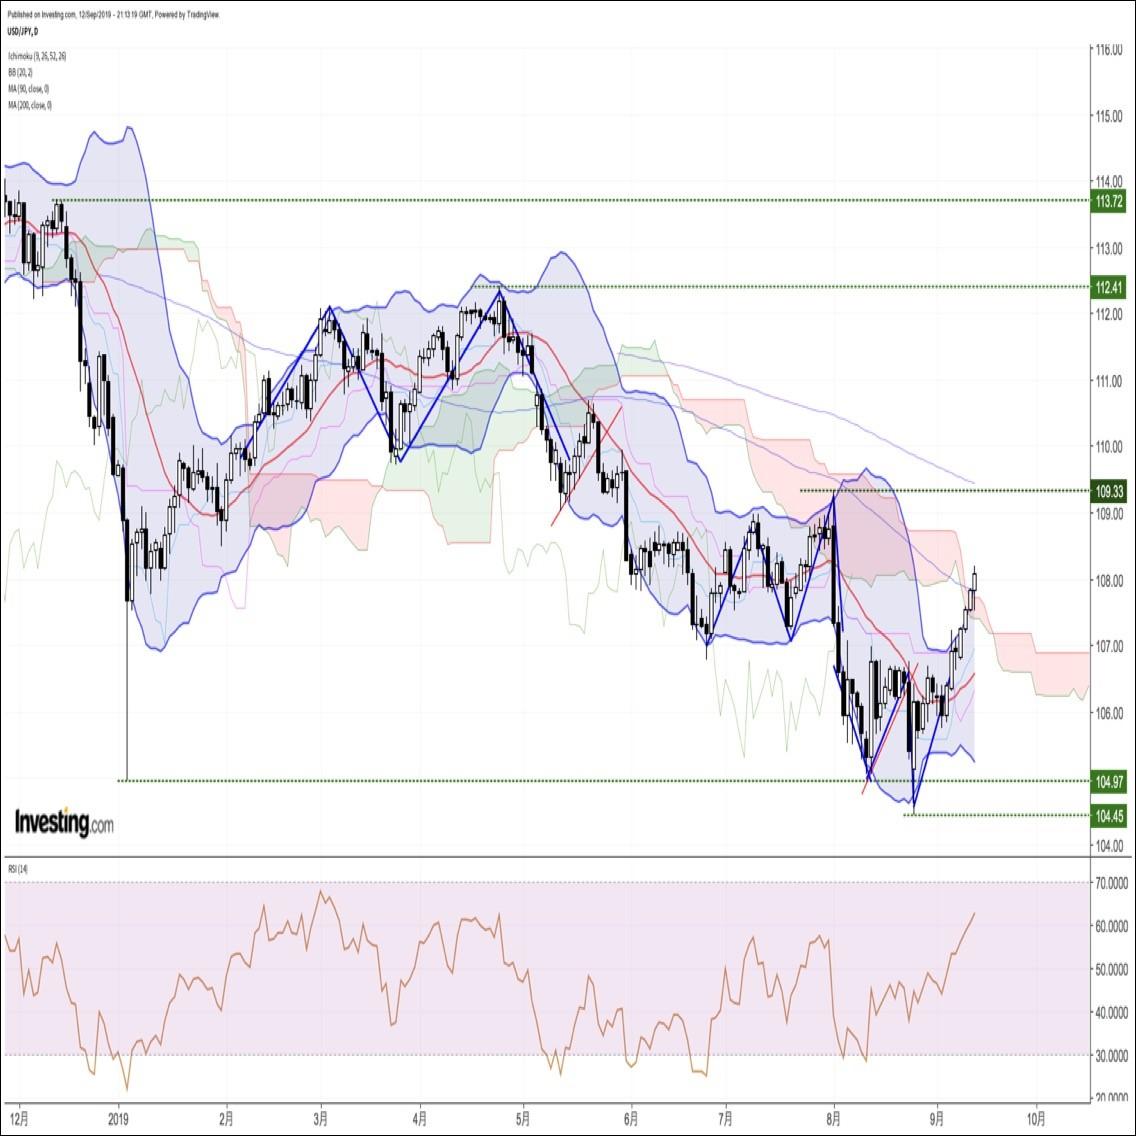 ドル円、強いCPIコア指数で続伸。ユーロはECB理事会後に急落するも往って来い(9/13朝)